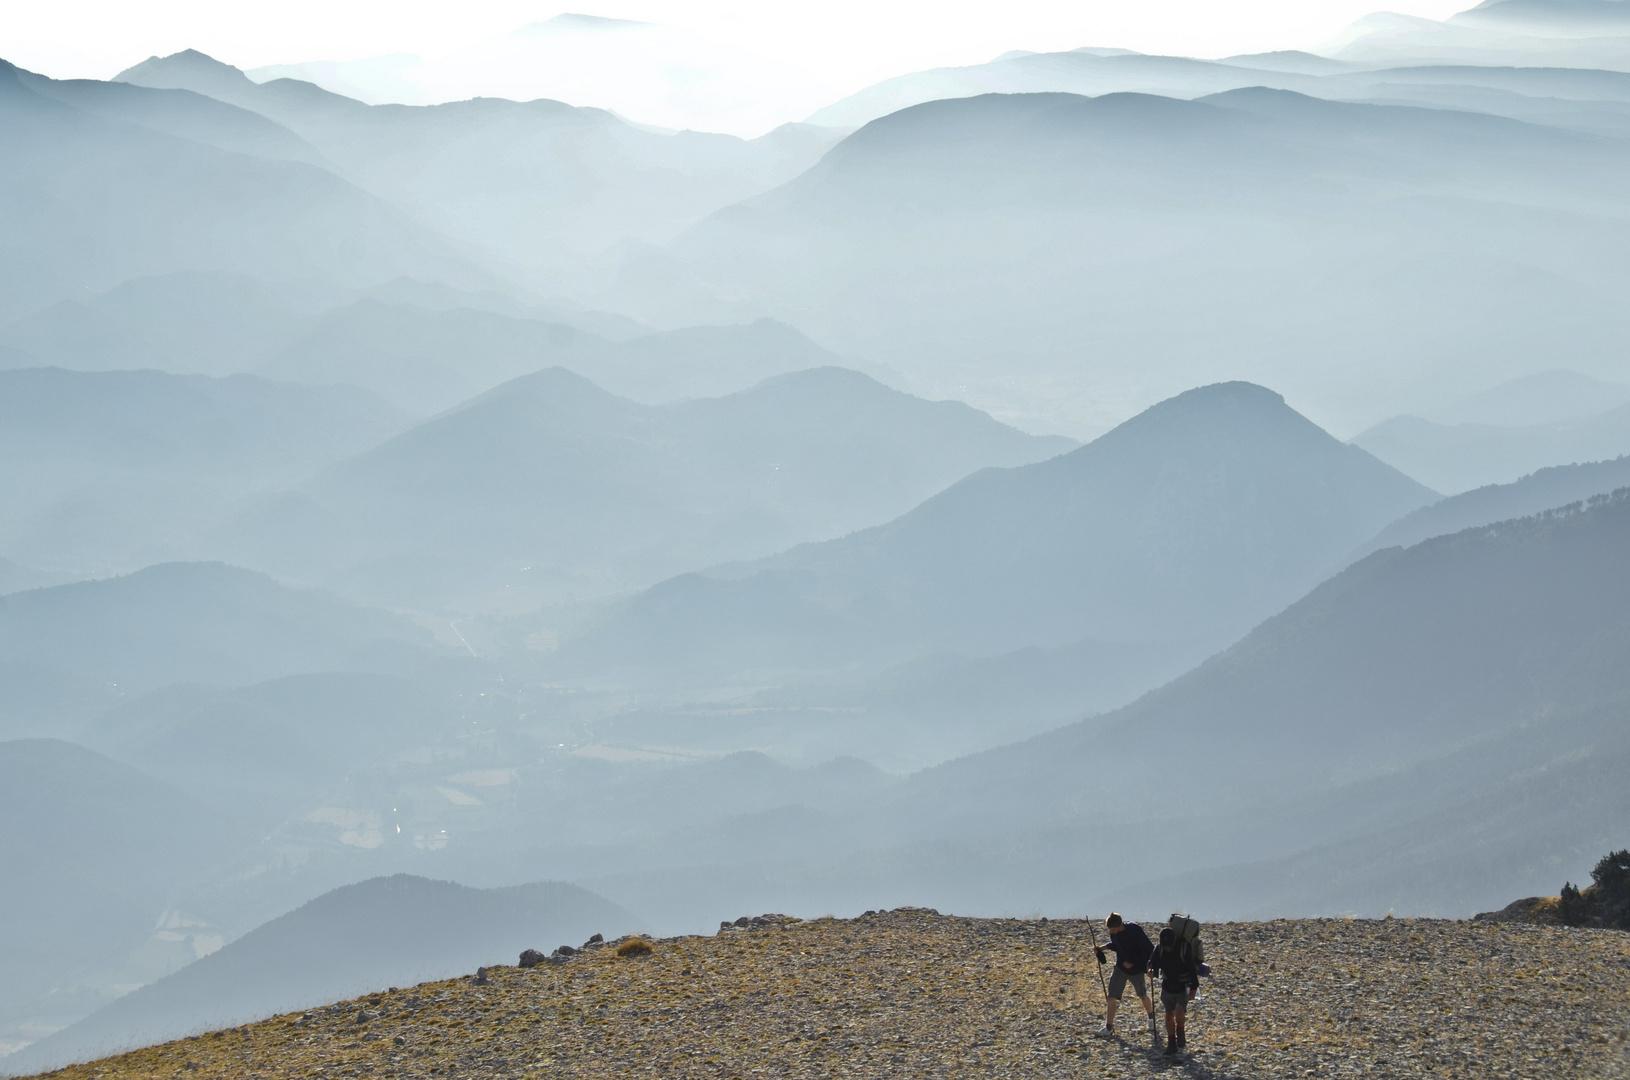 ... und auf dem Berg